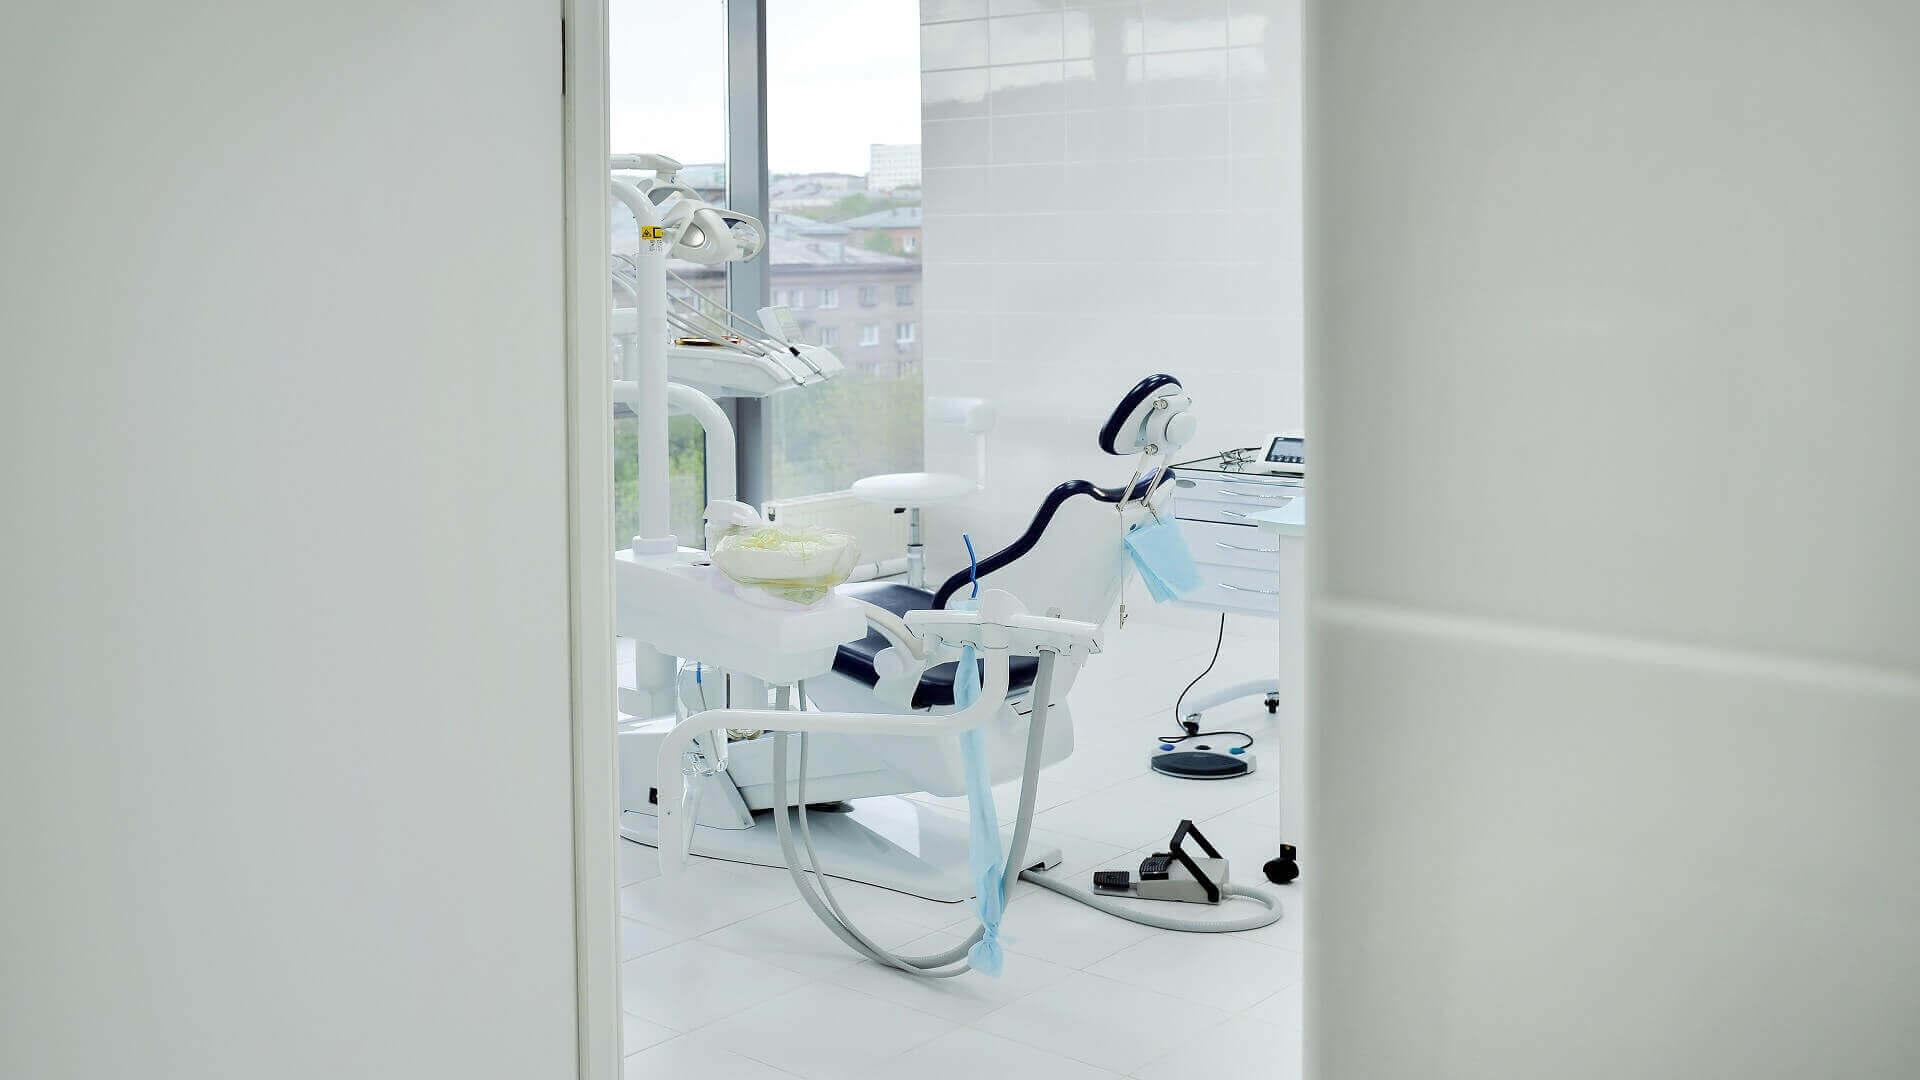 porte per studi dentistici con lamina di piombo